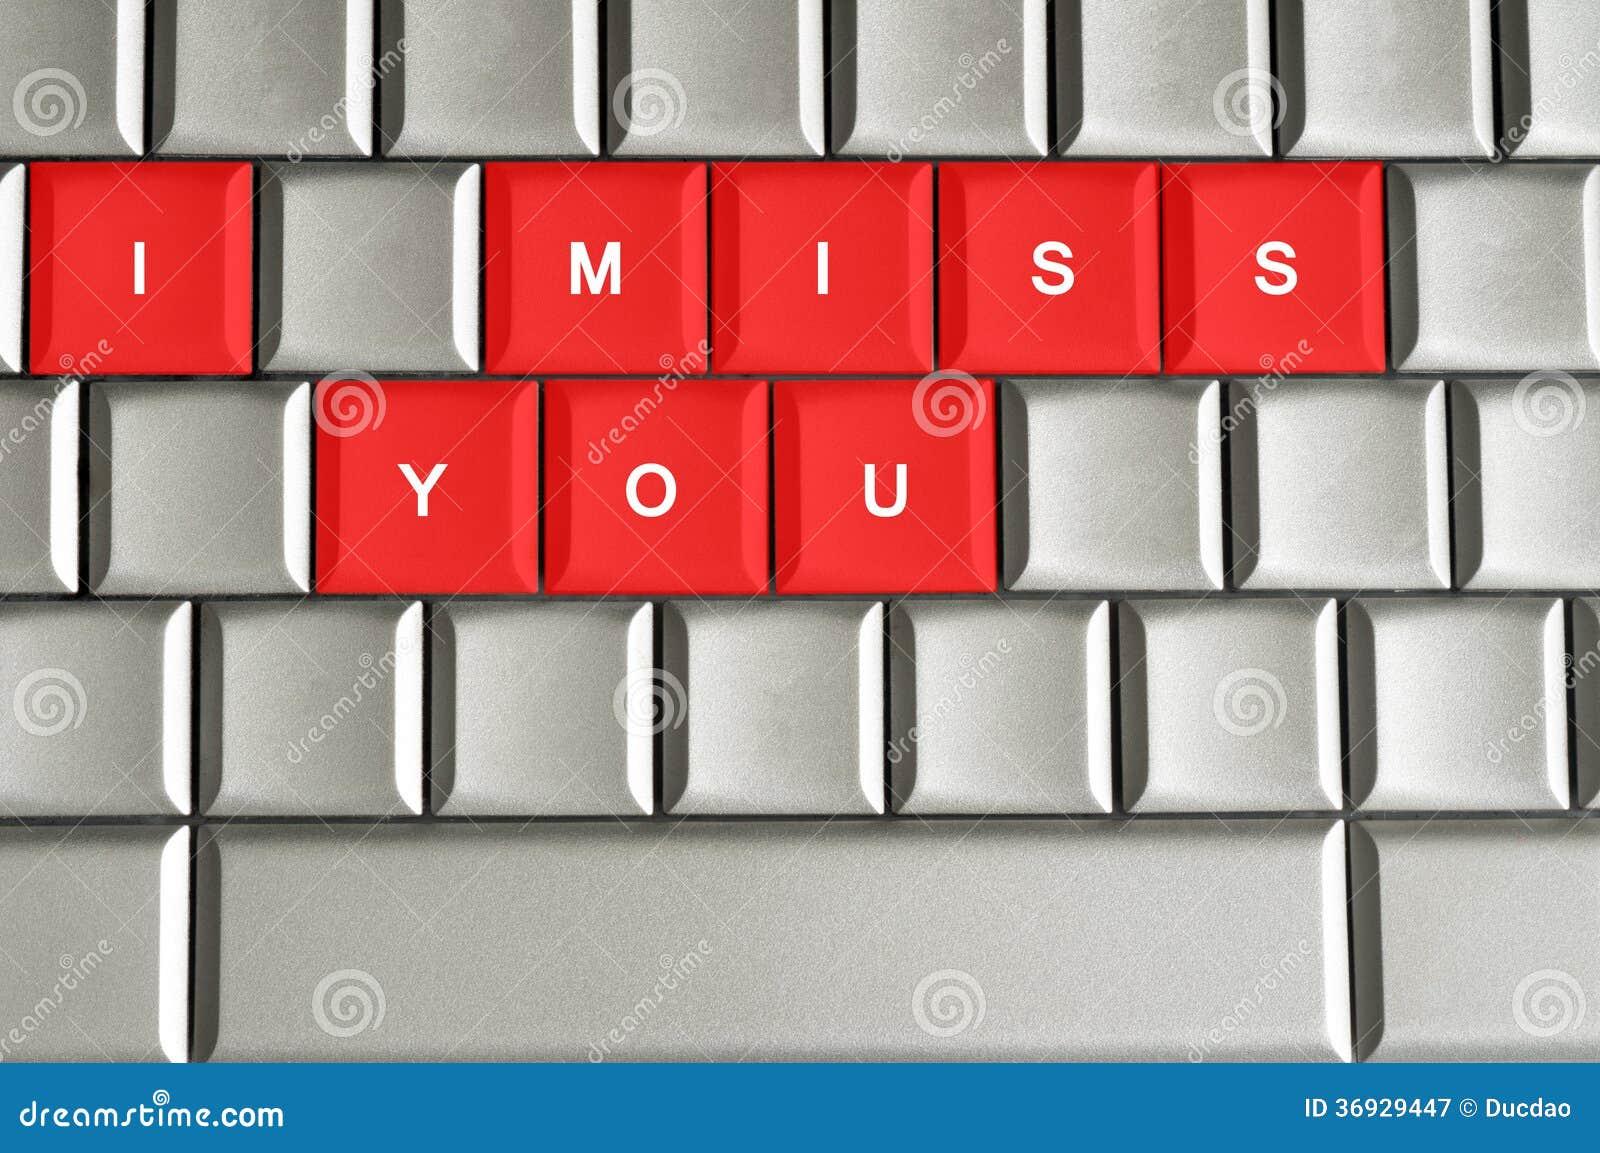 Jag missa dig stavade på det metalliska tangentbordet